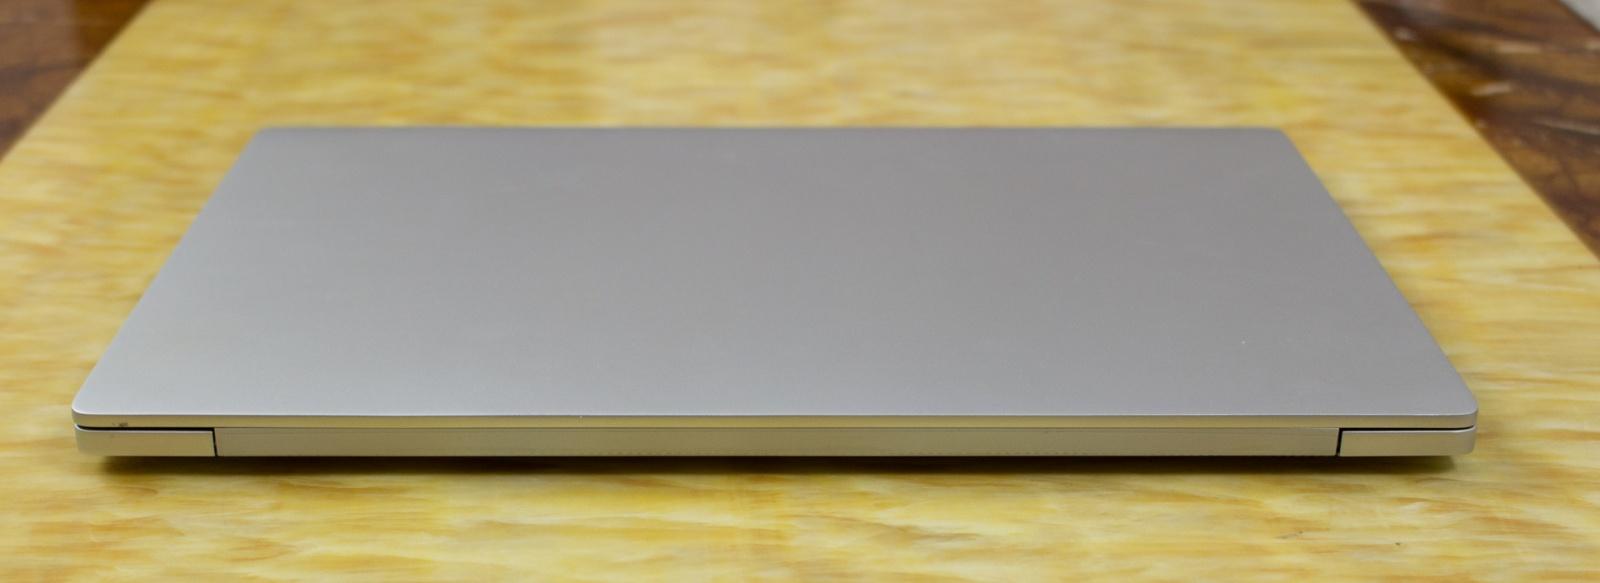 Xiaomi Mi Air 13 Laptop — еще один отличный китайский ноутбук, совершенно непохожий на Macbook - 4